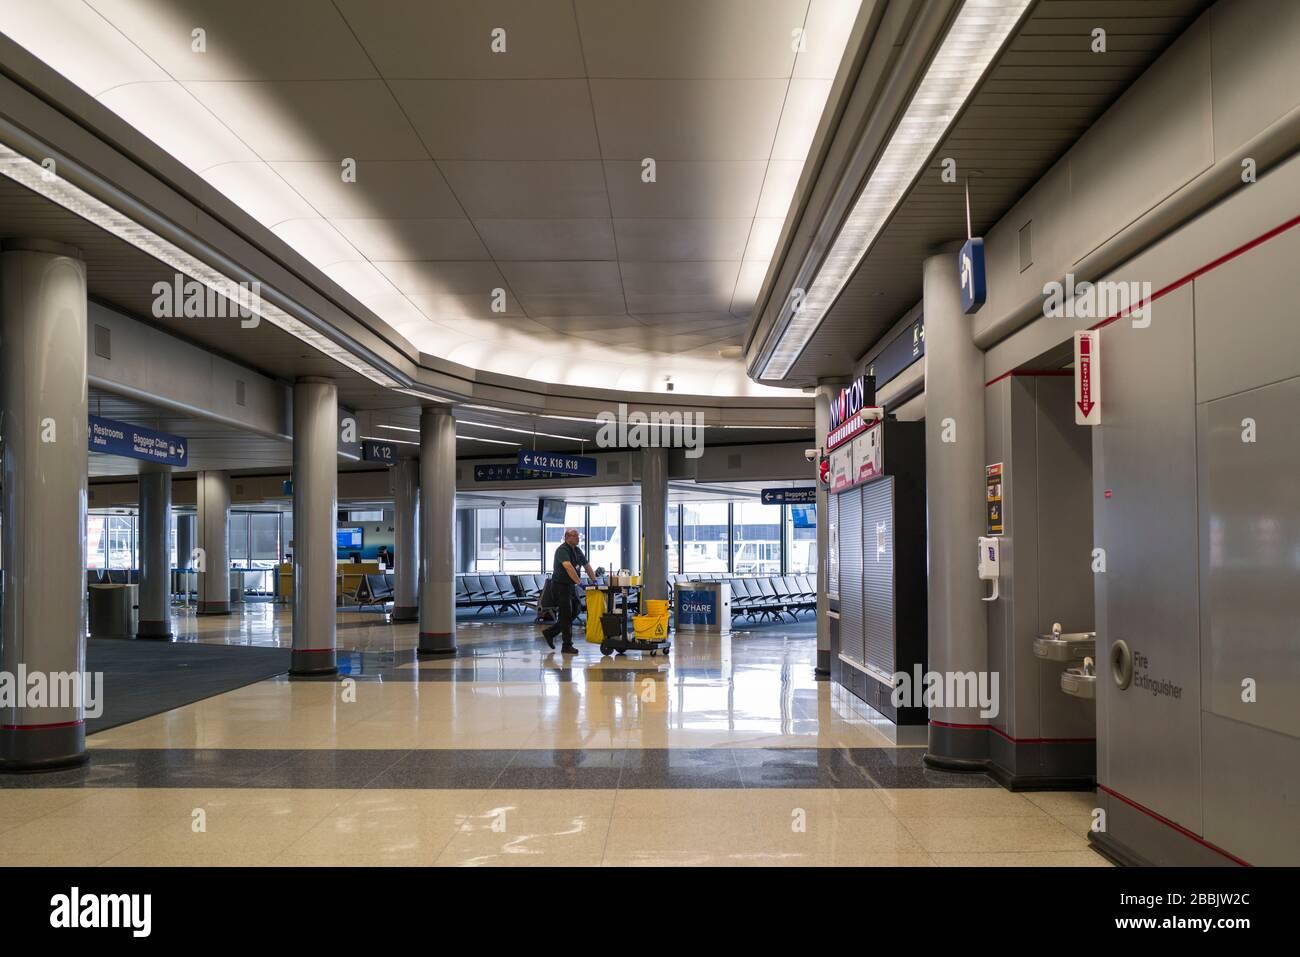 Aeropuerto Internacional o'Hare en Chicago, una vez uno de los aeropuertos más concurridos de los Estados Unidos está ahora completamente vacío debido a la pandemia de Coronavirus COVID-19. Foto de stock